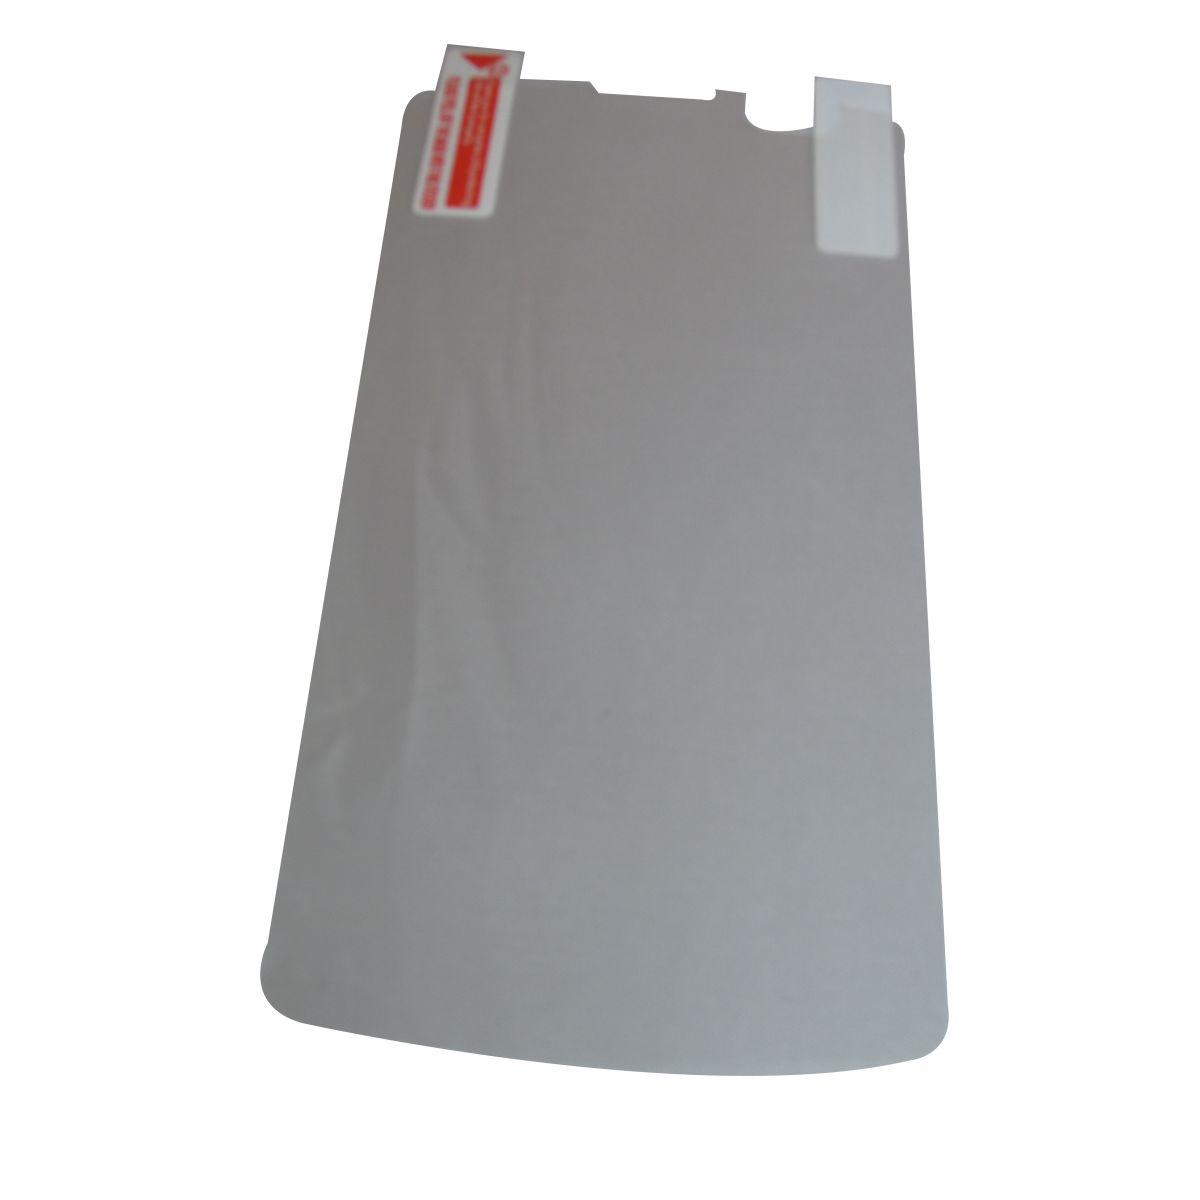 Pelicula Protetora para Lg G2 Lite D295 Transparente